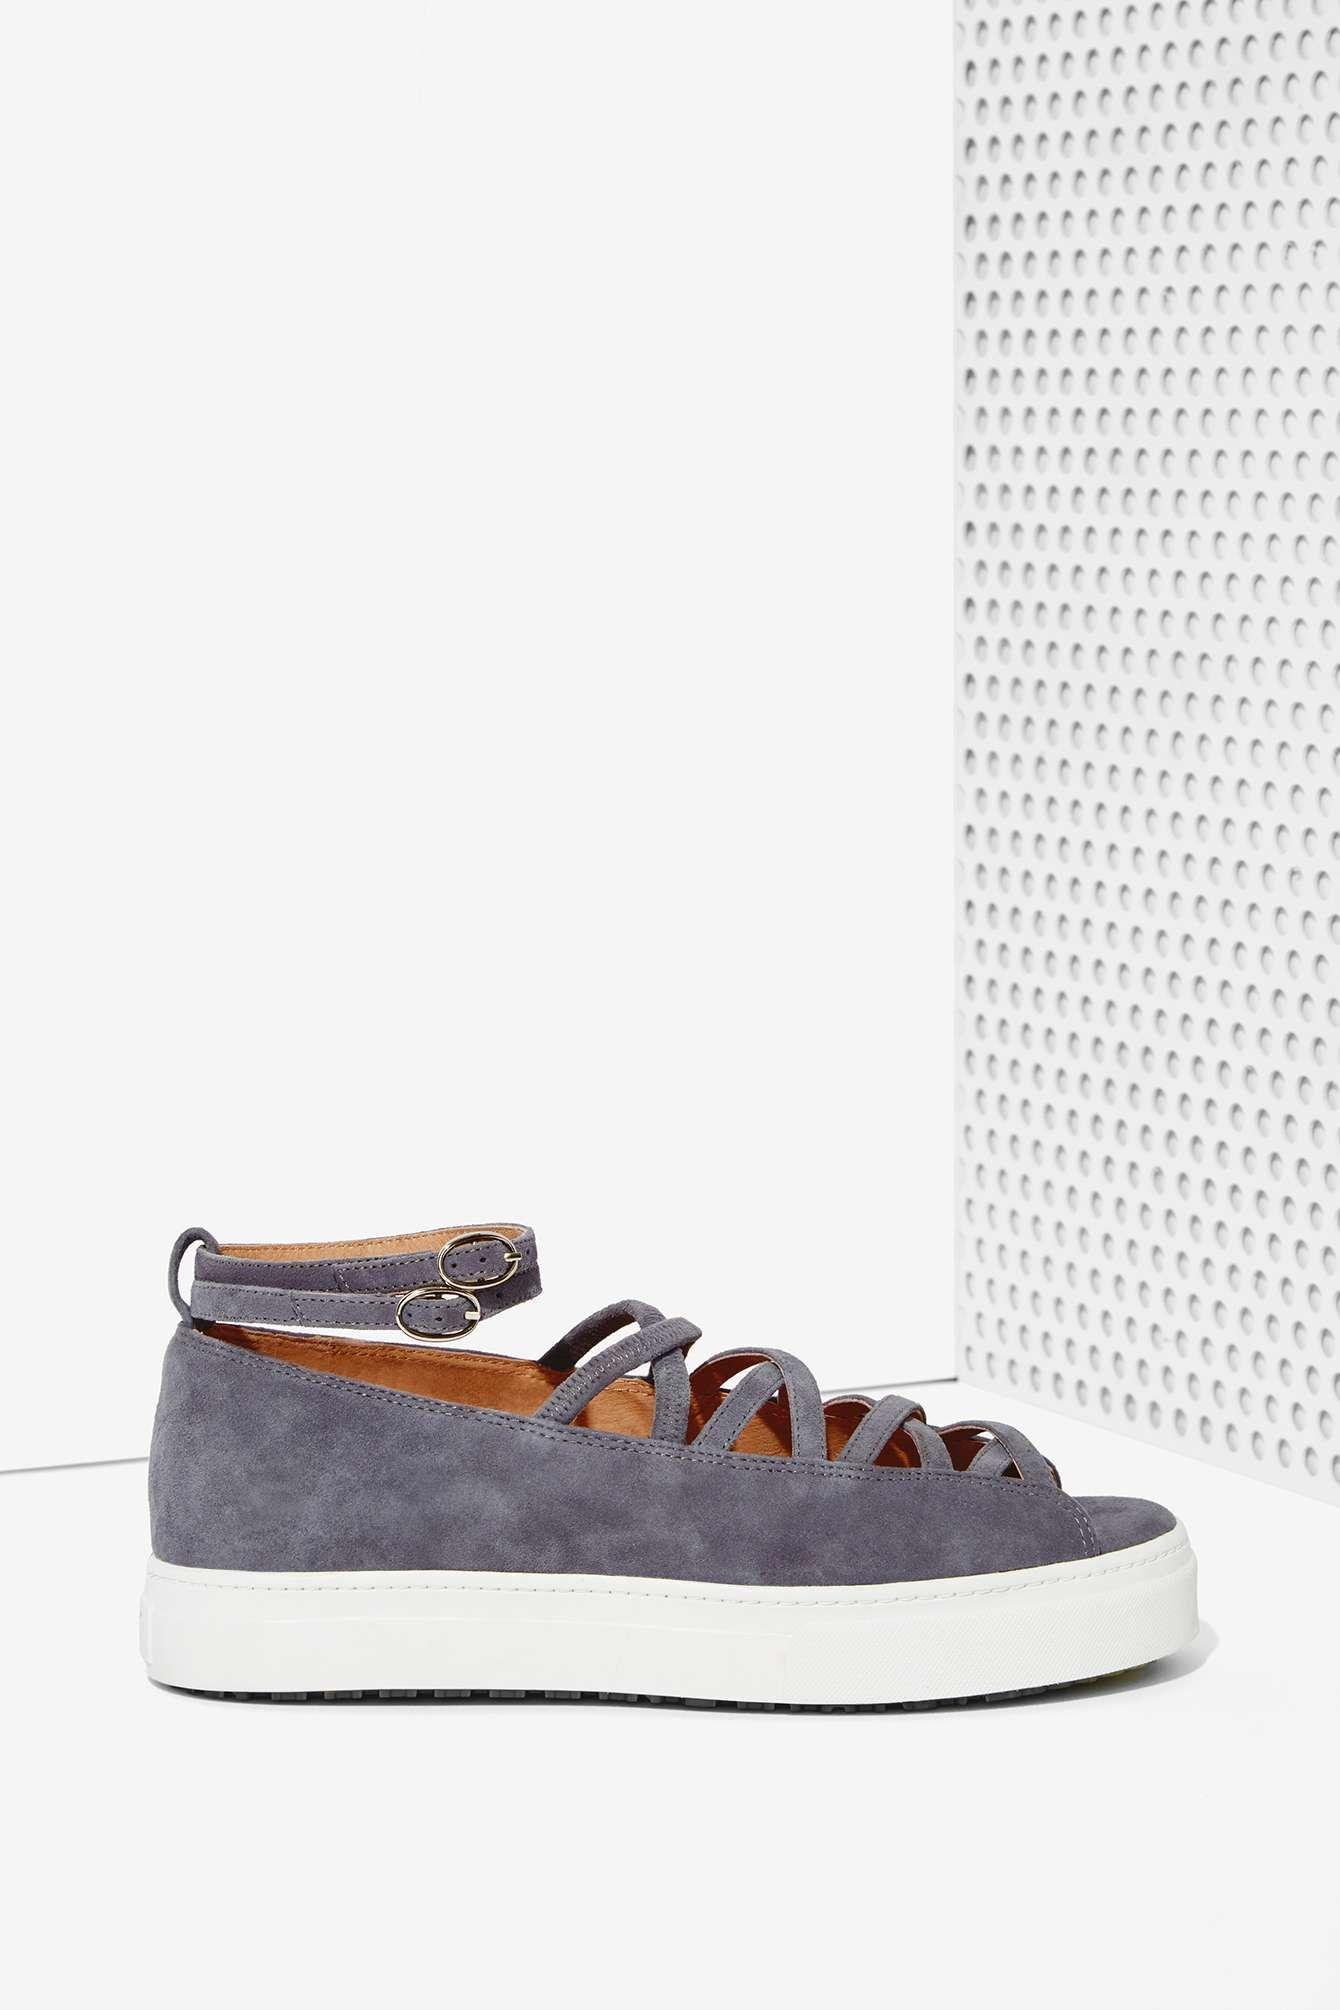 Aisha Shoe Scarpe E Jeffrey Shoes Lattice Style Campbell Suede BqRnn5wfzF